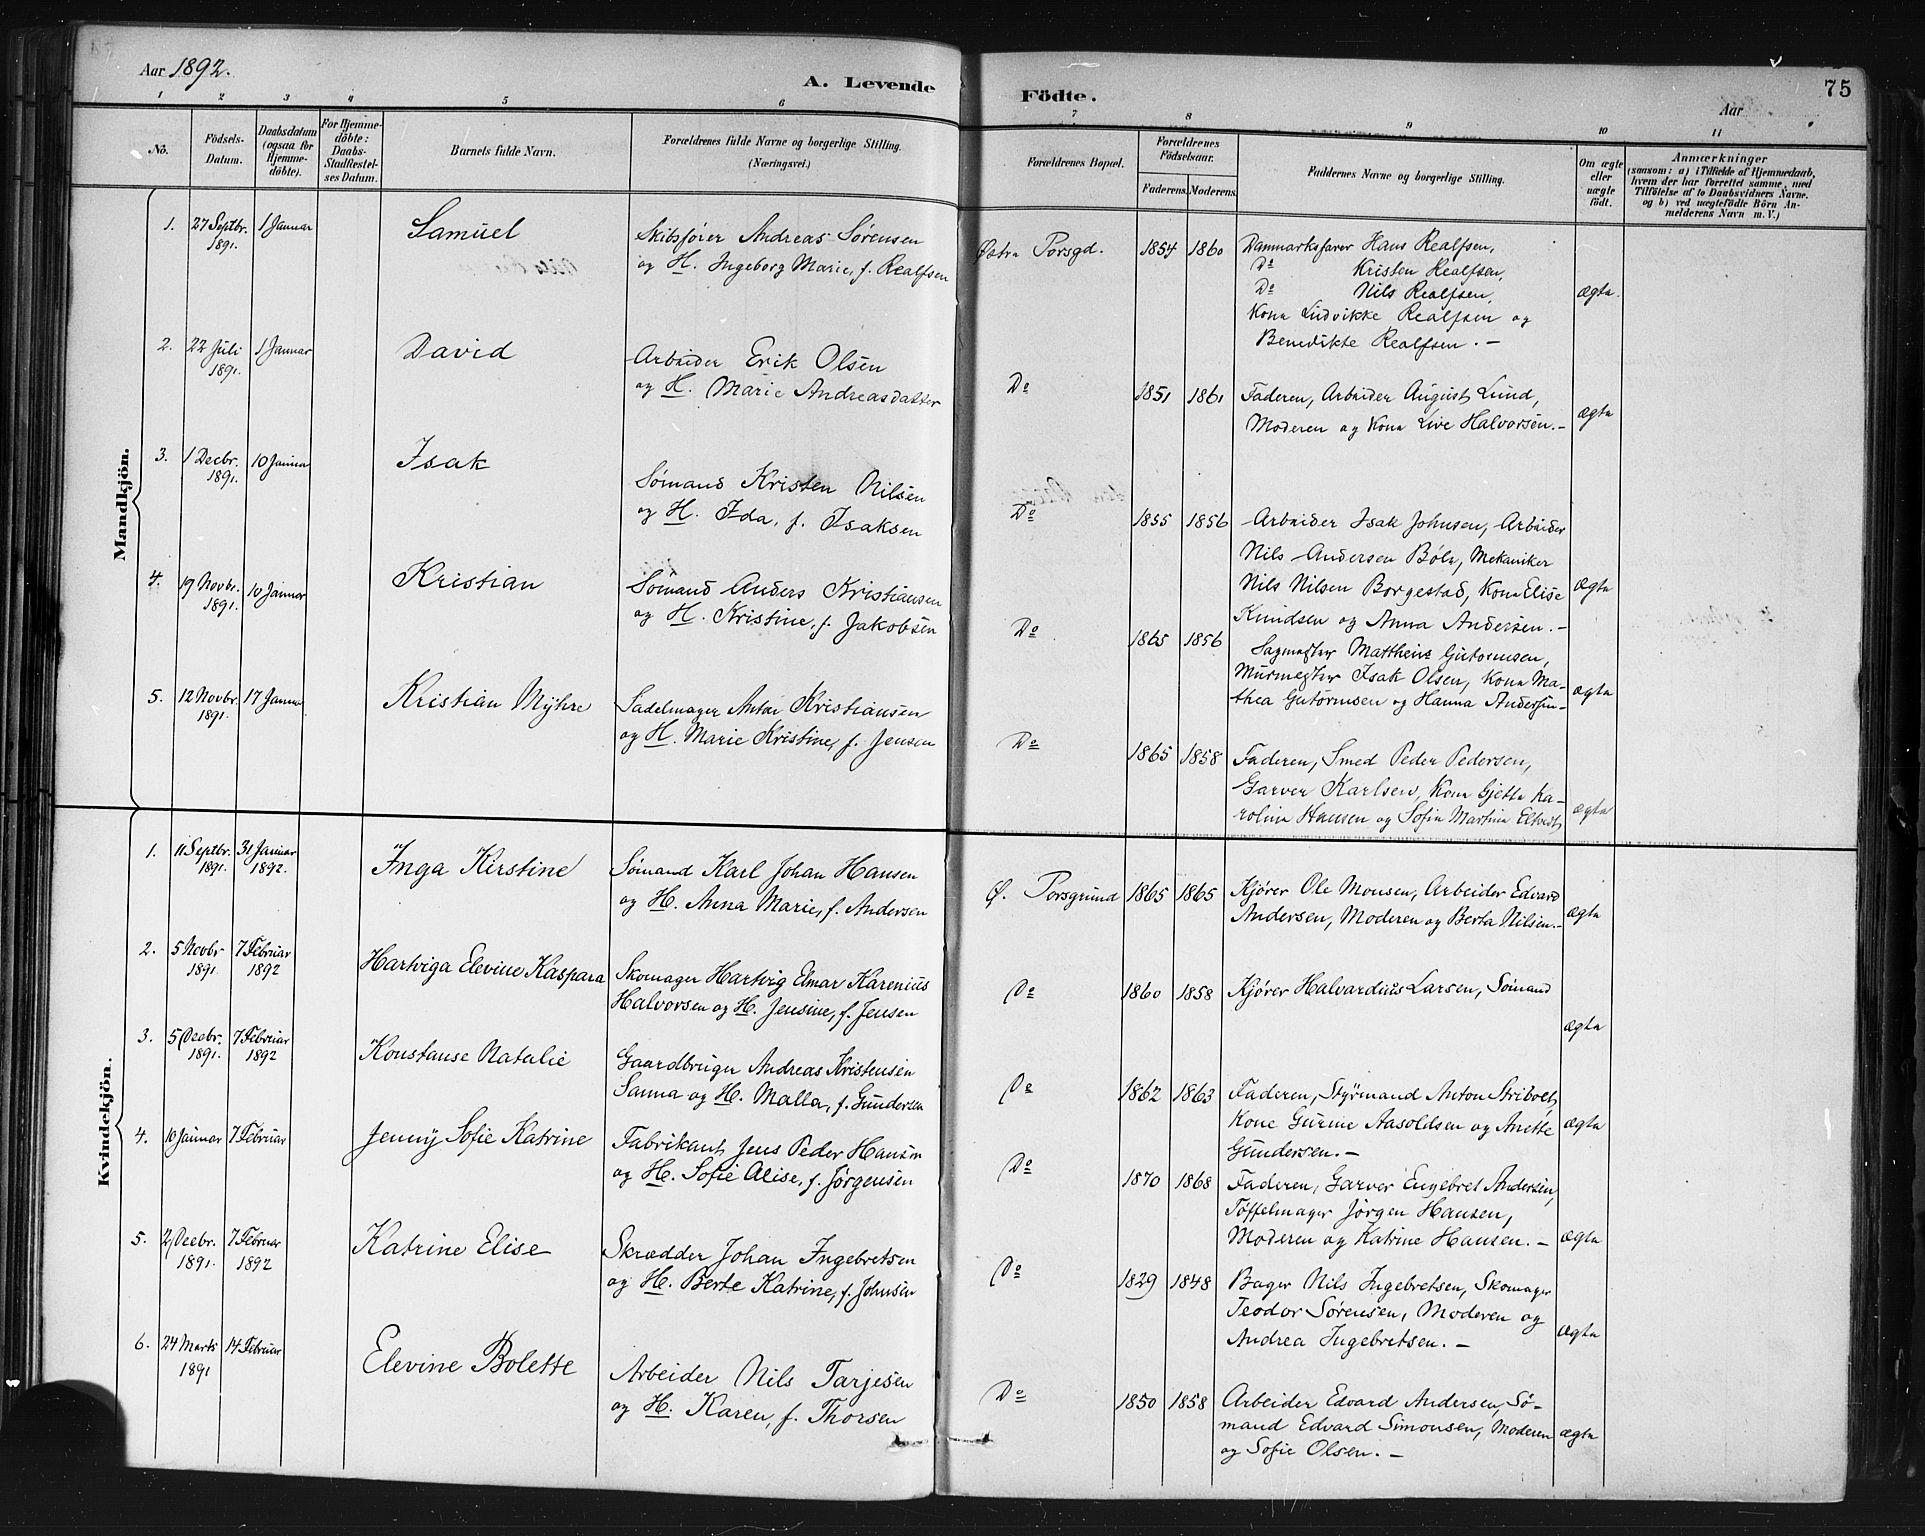 SAKO, Porsgrunn kirkebøker , G/Gb/L0005: Klokkerbok nr. II 5, 1883-1915, s. 75